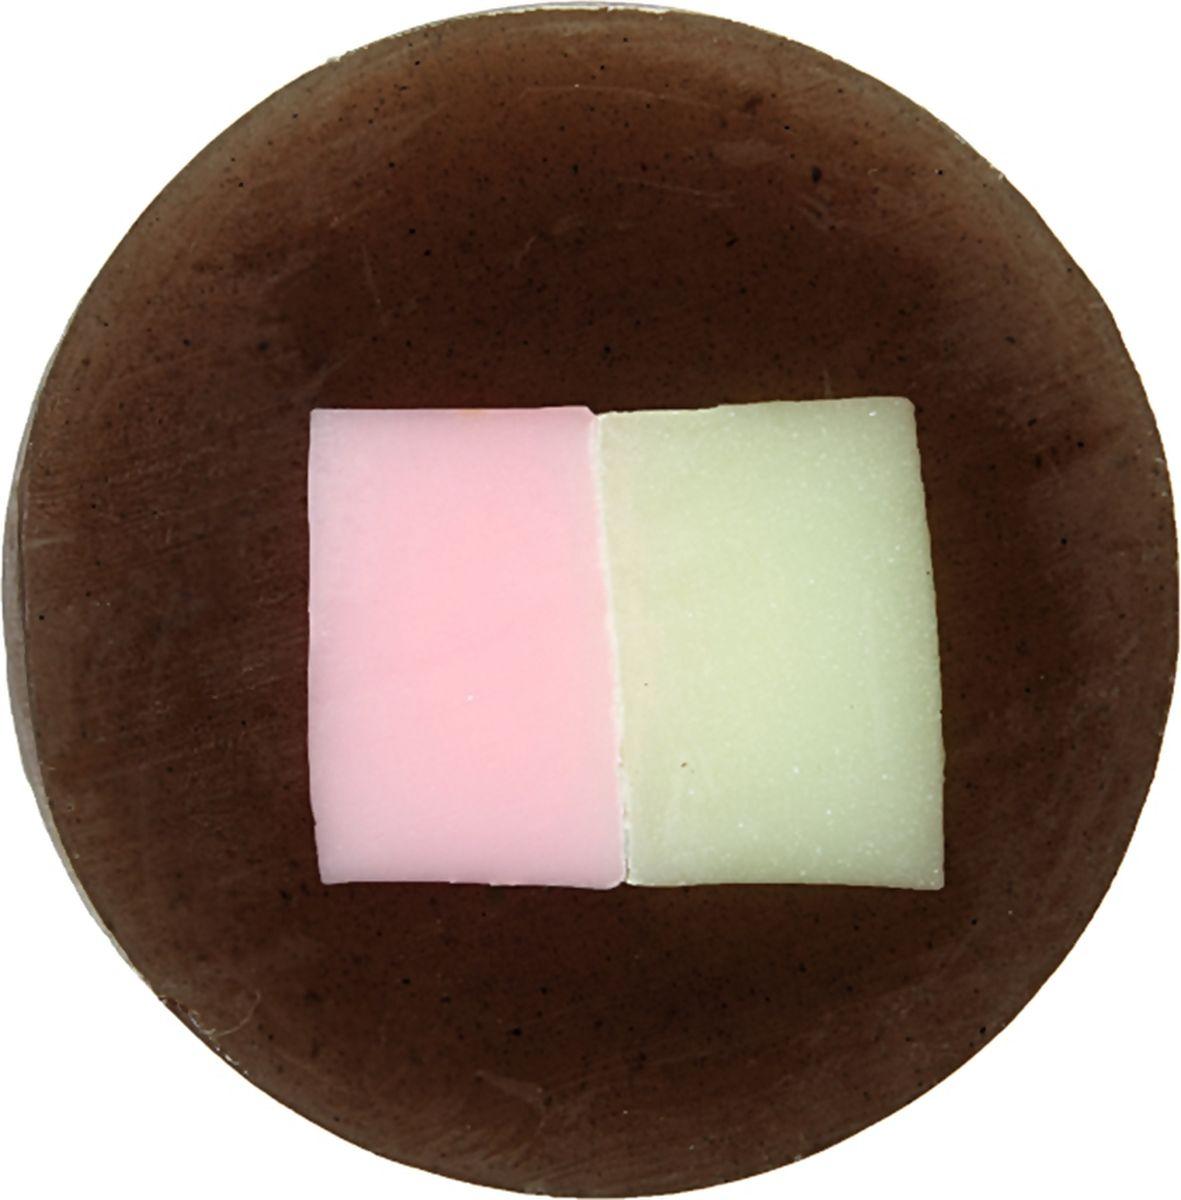 Каолион O2 мыло для очищения пор, 25 г40035На 100% натуральное мыло ручной работы подойдет даже для самой чувствительной кожи. Природная минеральная газированная вода в составе мыла глубоко очищает поры, угольная пудра и экстракт какао мягко скрабируют, а масла ши, оливы и кокоса увлажняют и смягчают, обеспечивая невероятный комфорт от очищения. Дарит коже безупречную чистоту, гладкость и мягкость.